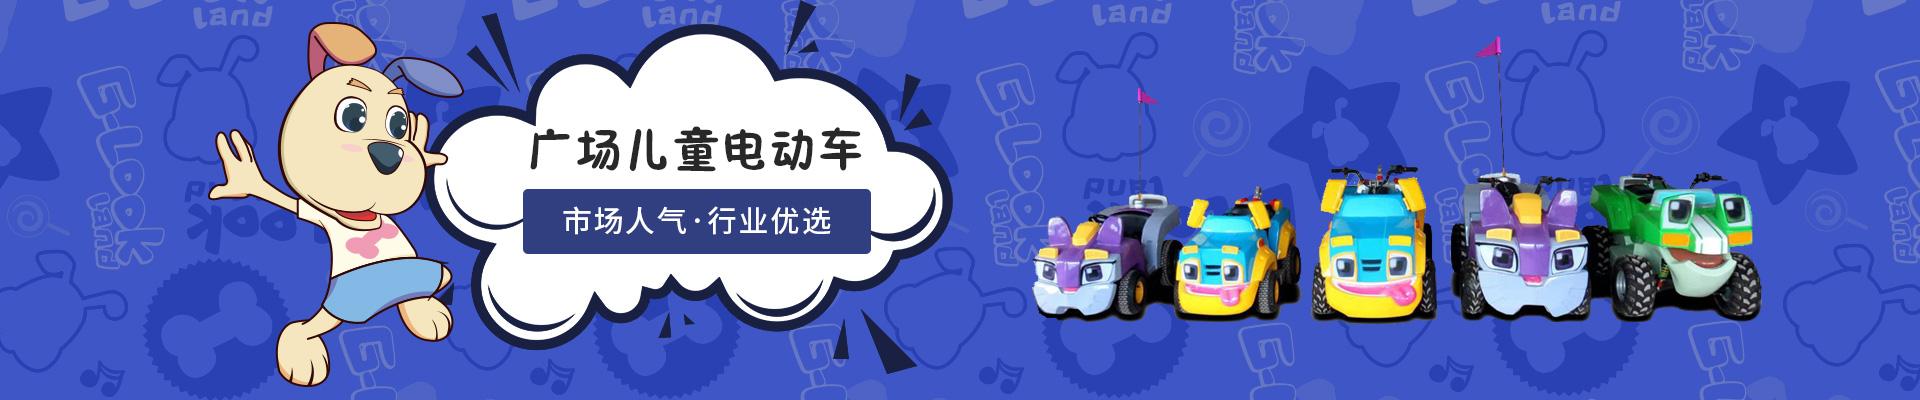 智乐广场儿童电动车